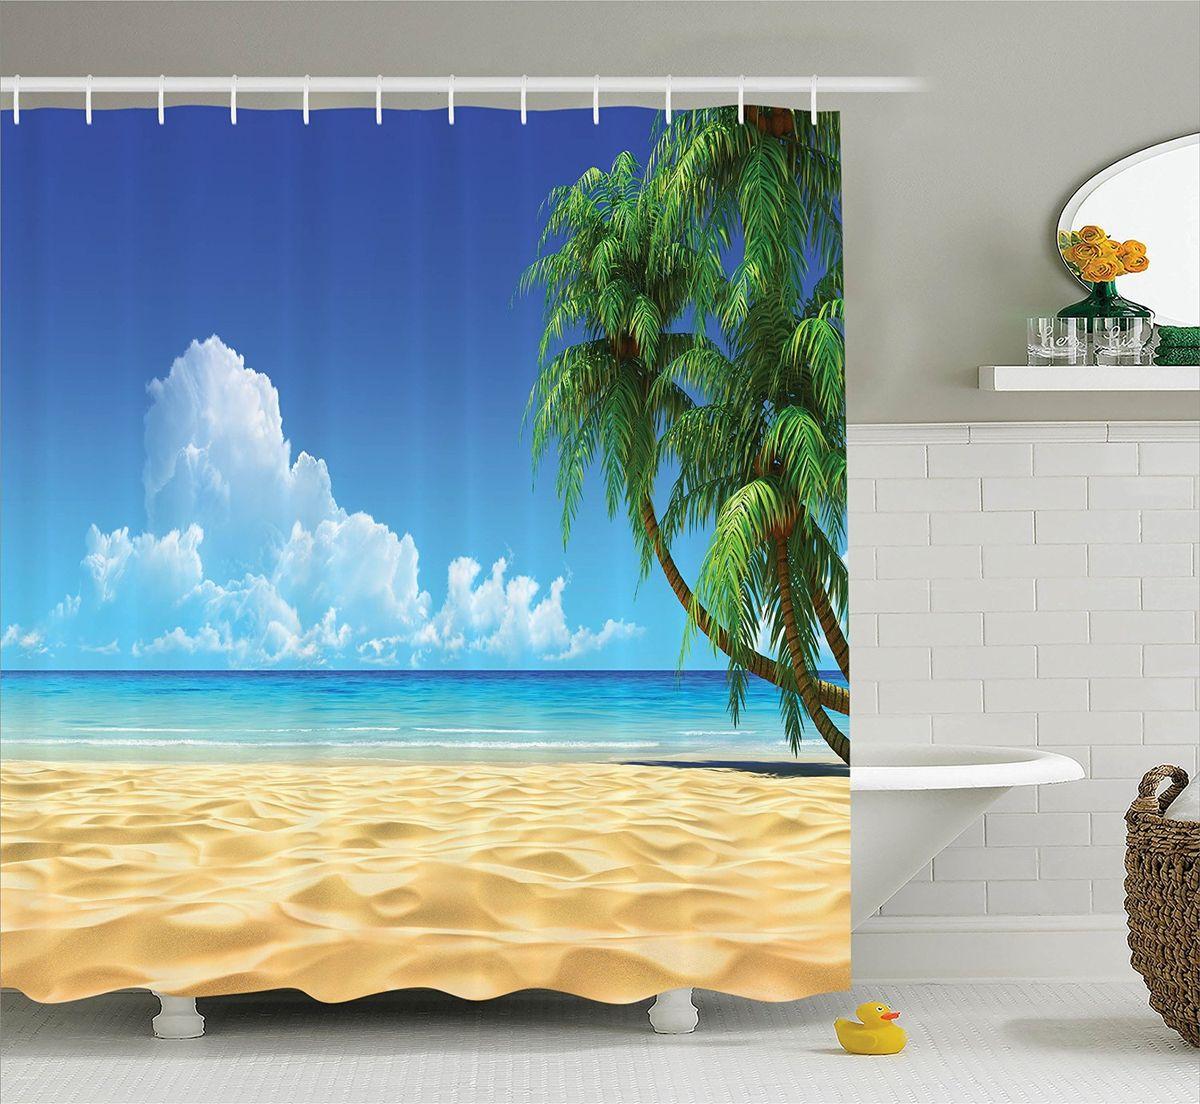 Штора для ванной комнаты Magic Lady Облака над пляжем, 180 х 200 смшв_13793Штора Magic Lady Облака над пляжем, изготовленная из высококачественного сатена (полиэстер 100%), отлично дополнит любой интерьер ванной комнаты. При изготовлении используются специальные гипоаллергенные чернила для прямой печати по ткани, безопасные для человека.В комплекте: 1 штора, 12 крючков. Обращаем ваше внимание, фактический цвет изделия может незначительно отличаться от представленного на фото.